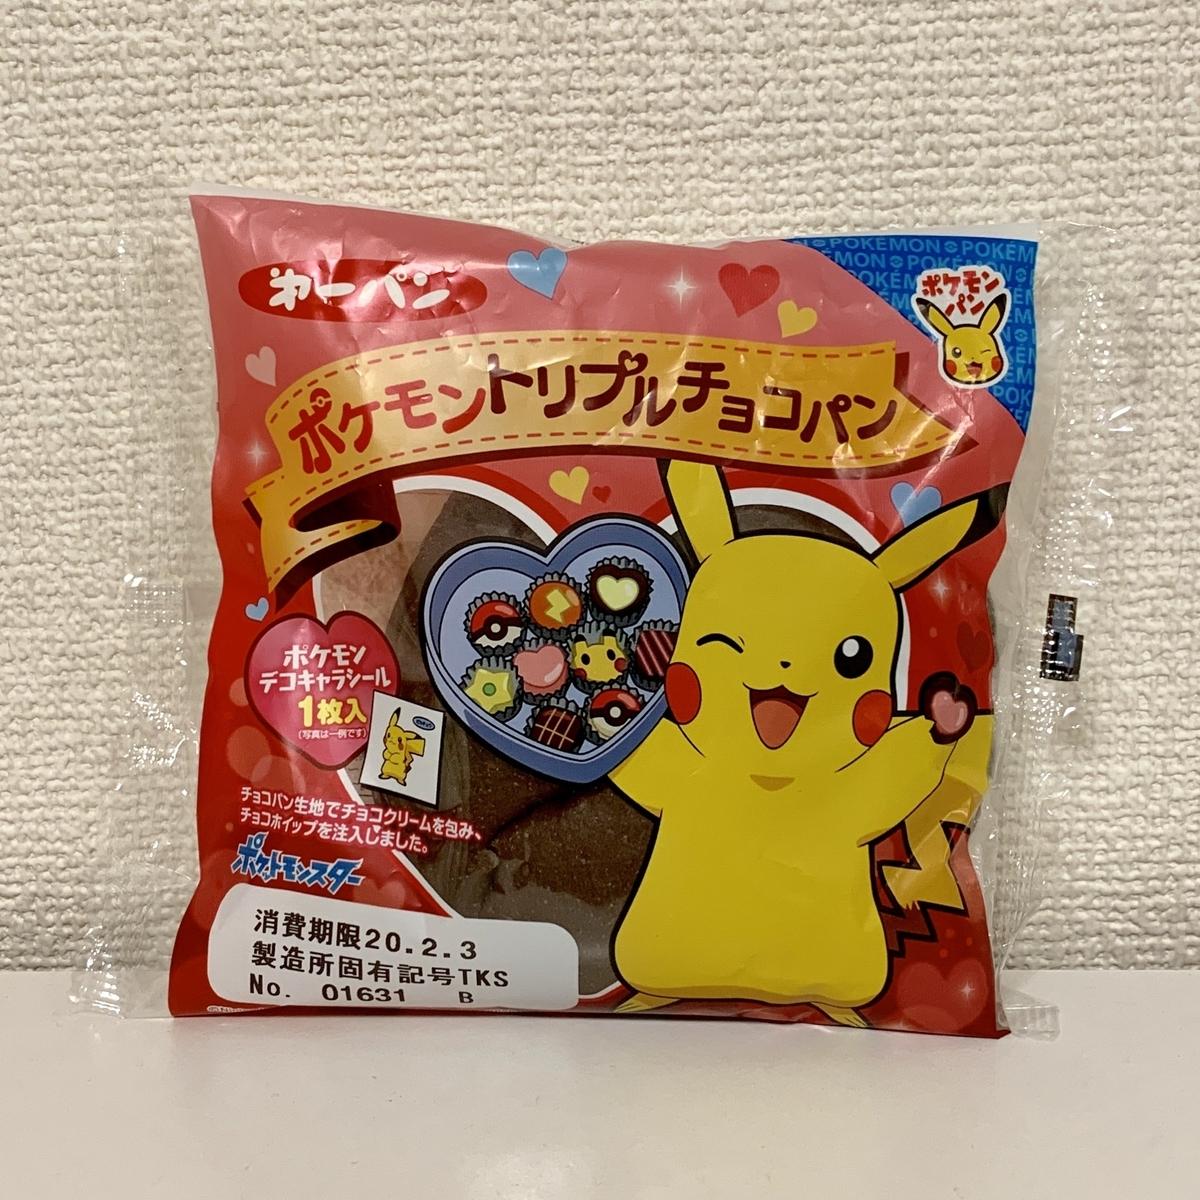 f:id:pikachu_pcn:20200201144714j:plain